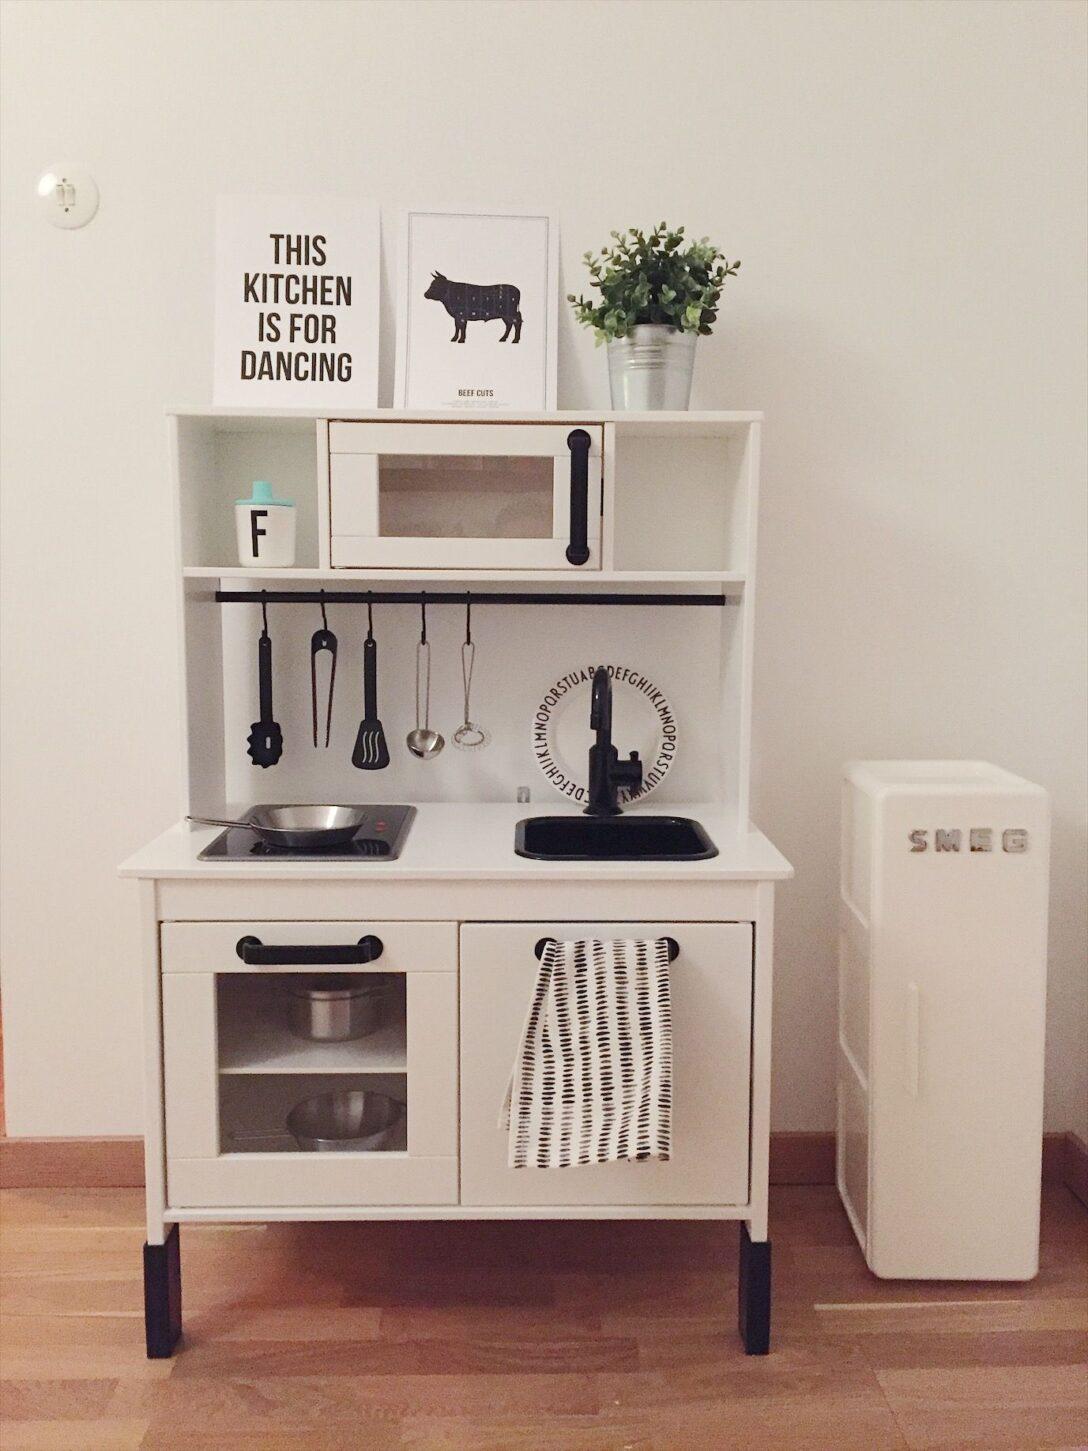 Large Size of Ikea Küchen Hacks Duktig Kitchen Hack Makeover Kche Diy Betten 160x200 Modulküche Küche Kosten Bei Sofa Mit Schlaffunktion Miniküche Regal Kaufen Wohnzimmer Ikea Küchen Hacks